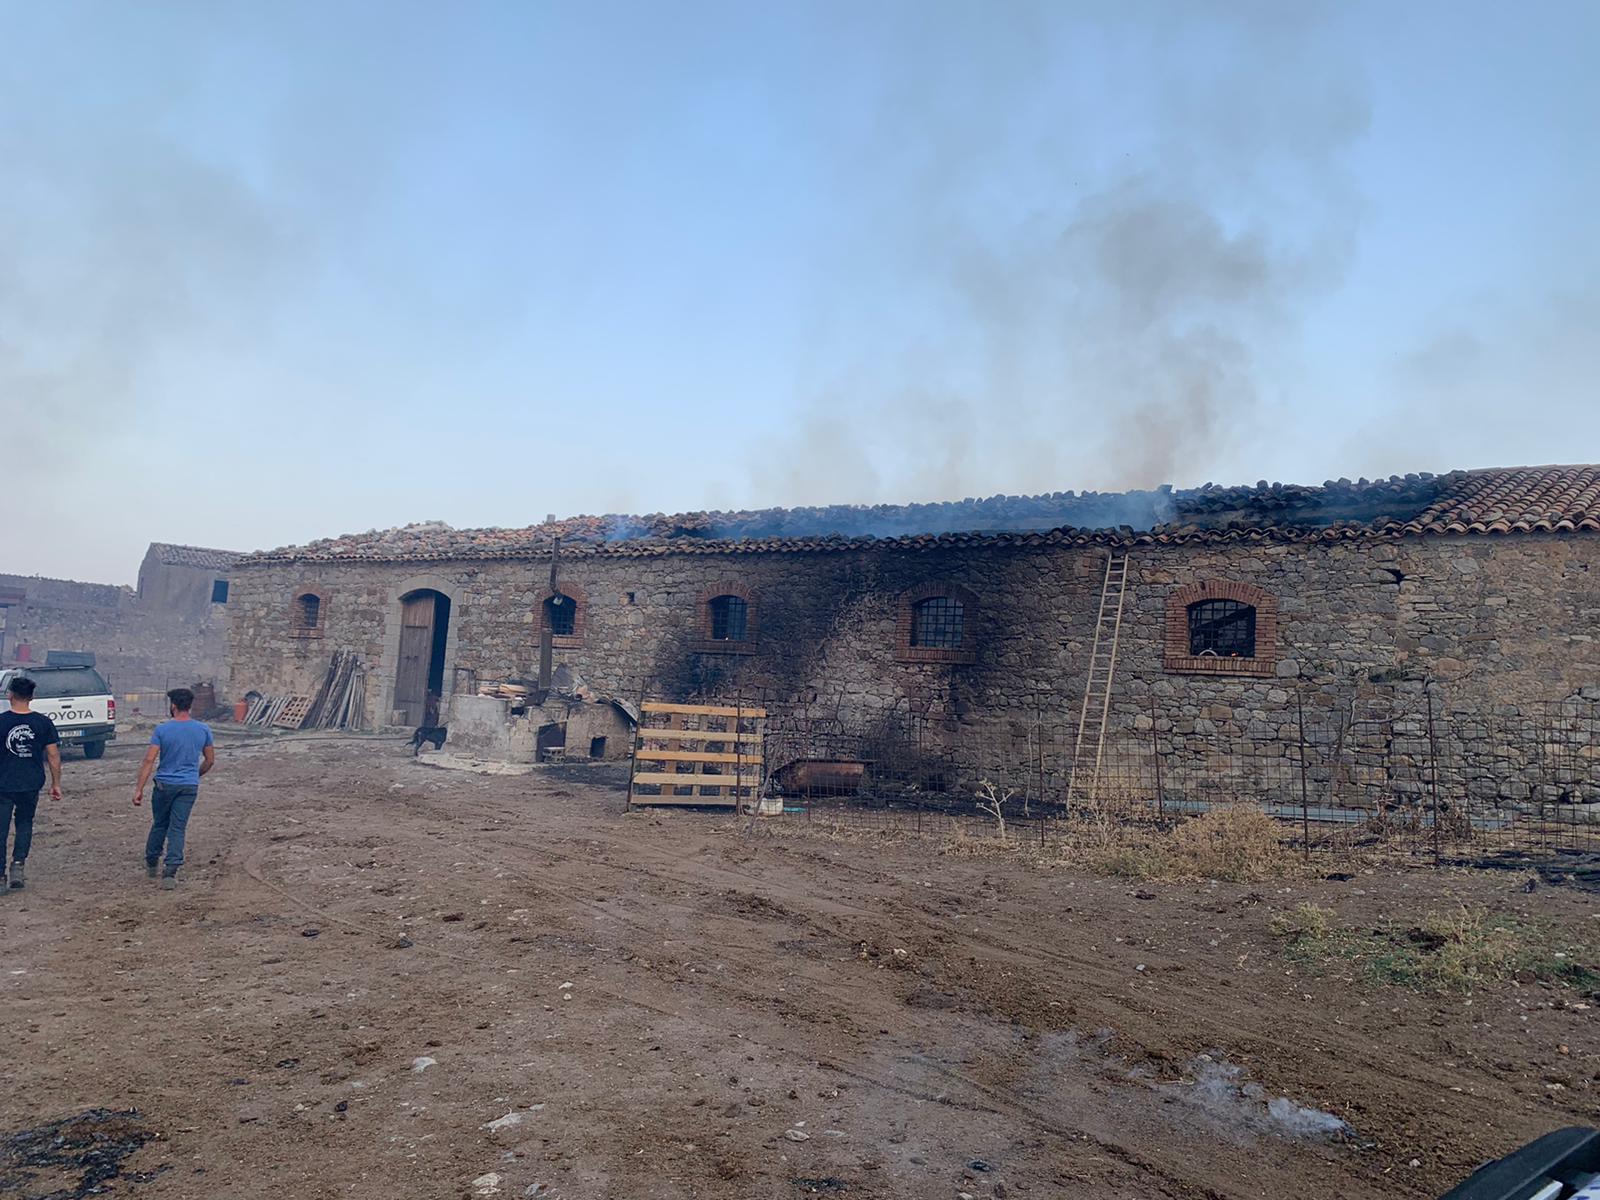 Avviso Pubblico erogazione contributi alle aziende allevamento zootecnico danneggiate dagli incendi.